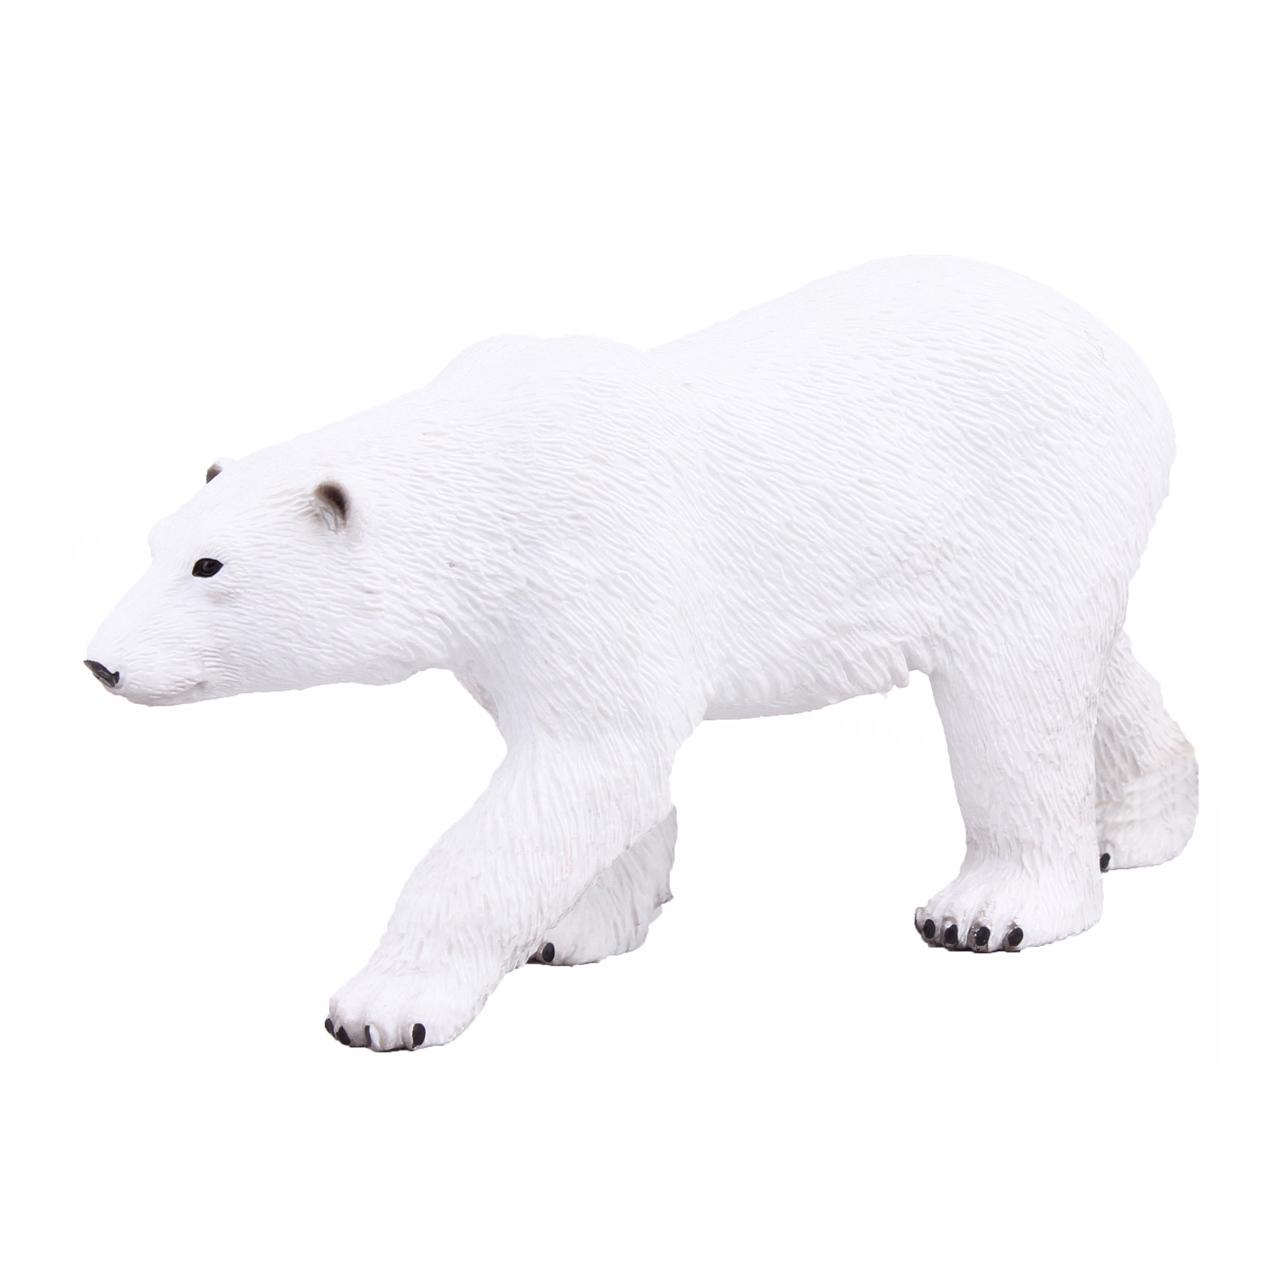 عروسک موجو مدل 9130 Polar Bear ارتفاع 7 سانتی متر